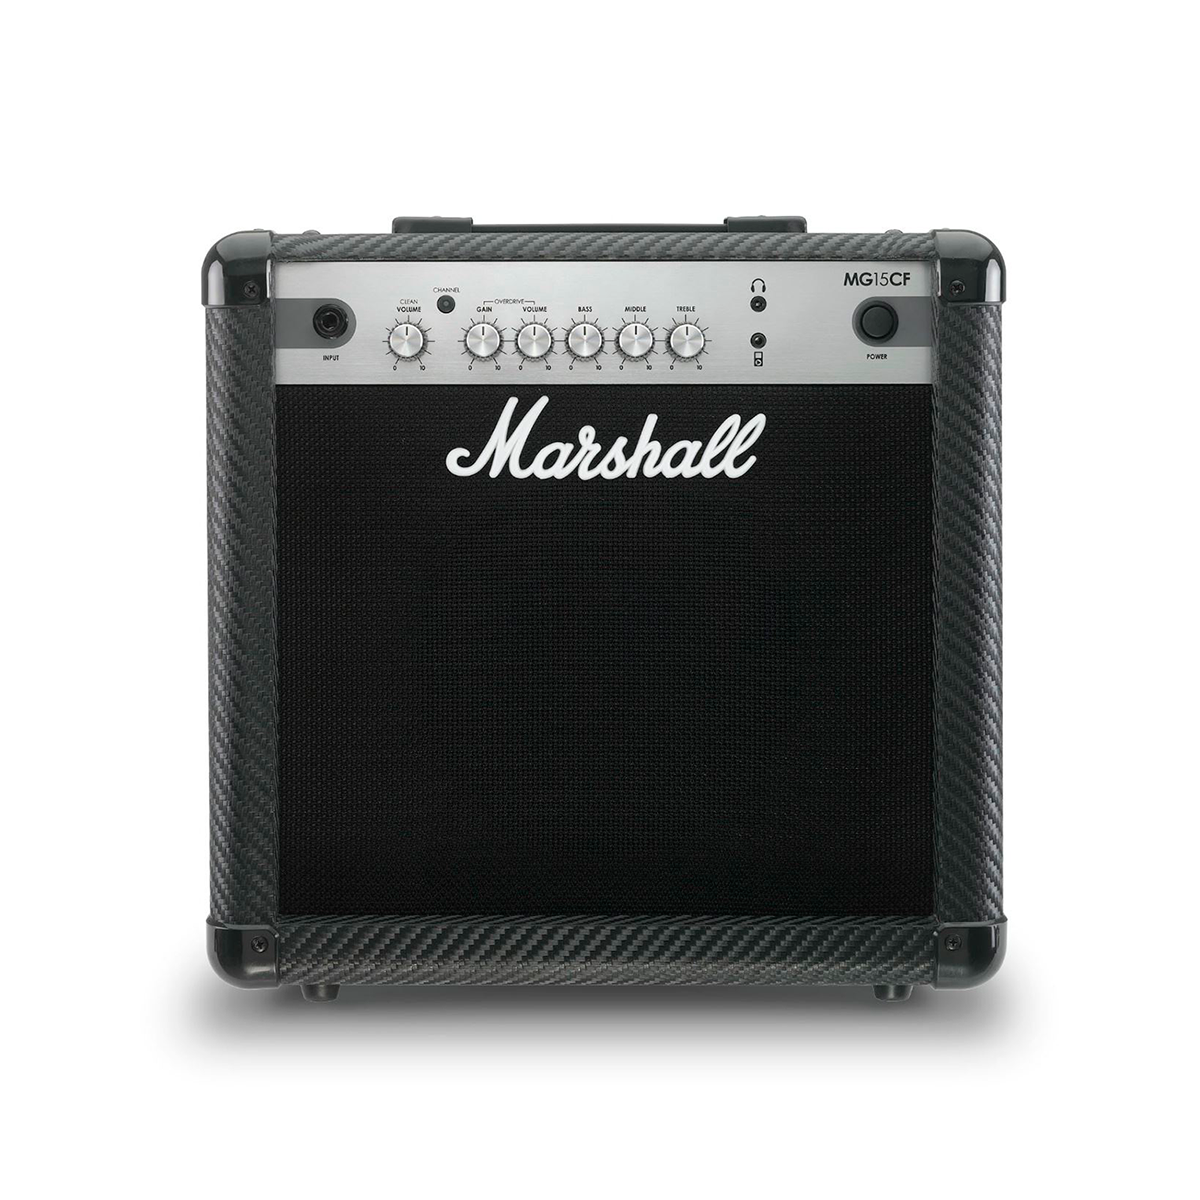 Billede af Marshall MG15CF guitarforstærker